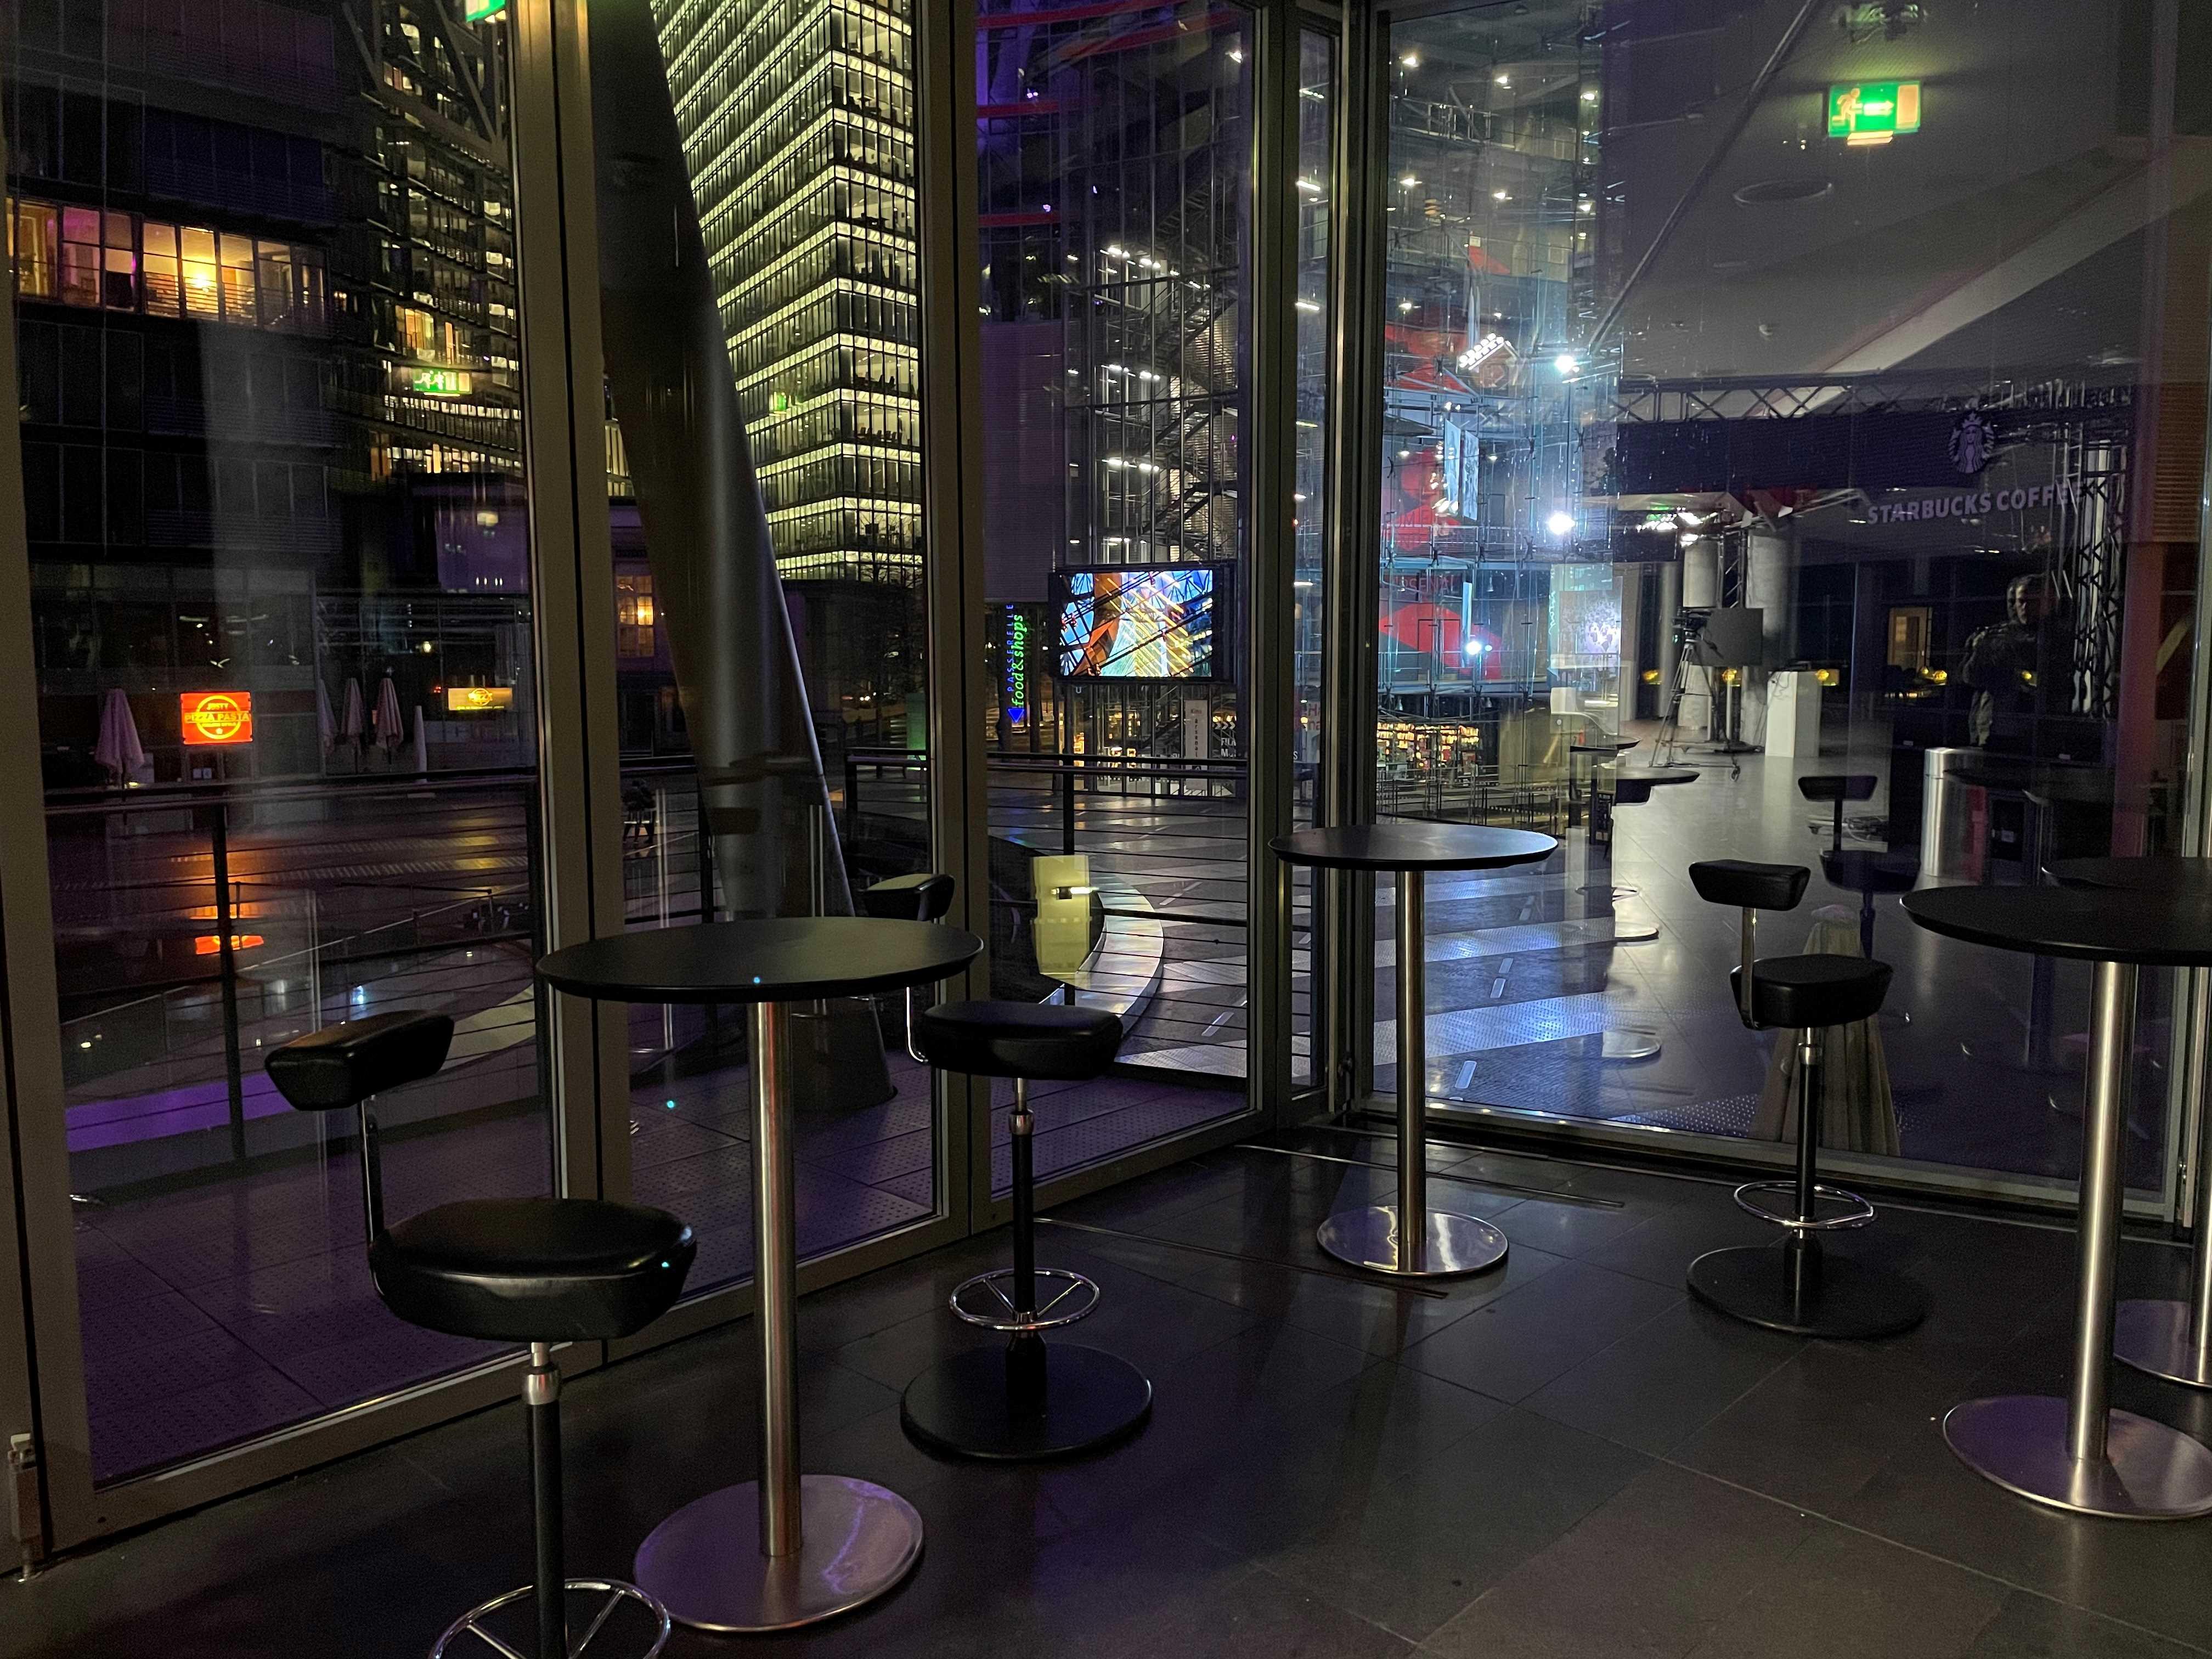 Digitales Studio im Sony Center am Potsdamer Platz